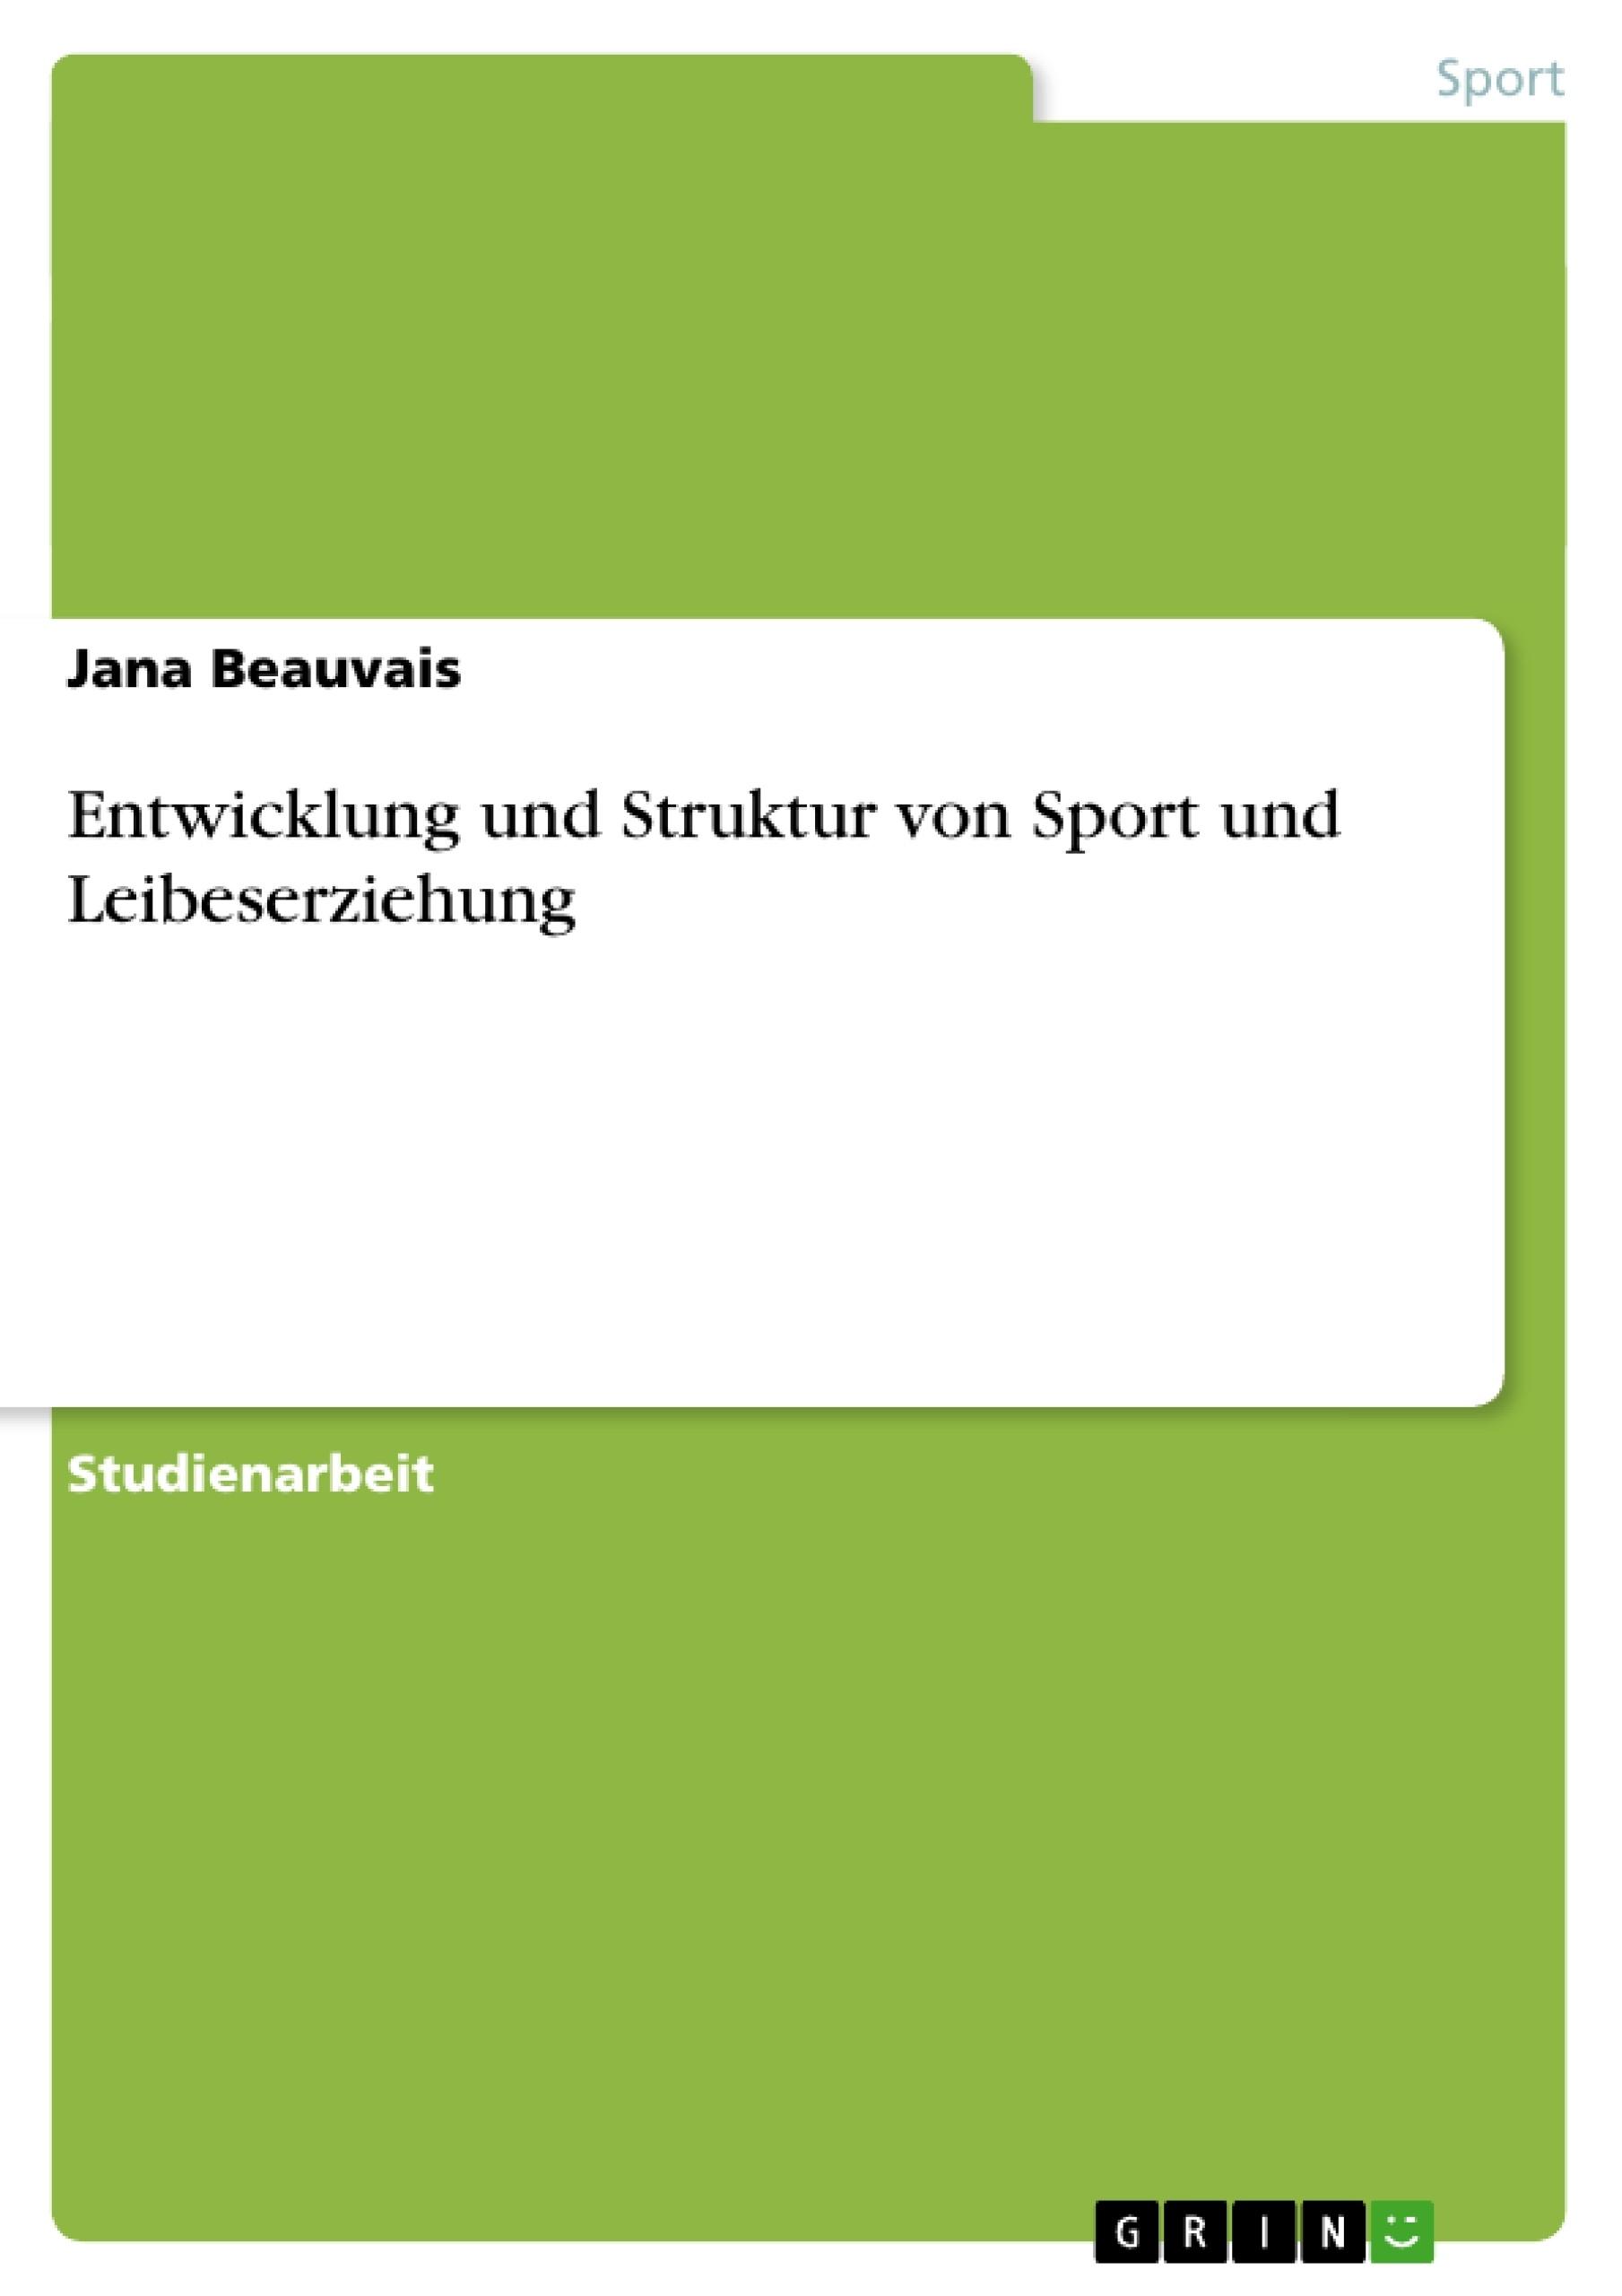 Titel: Entwicklung und Struktur von Sport und Leibeserziehung